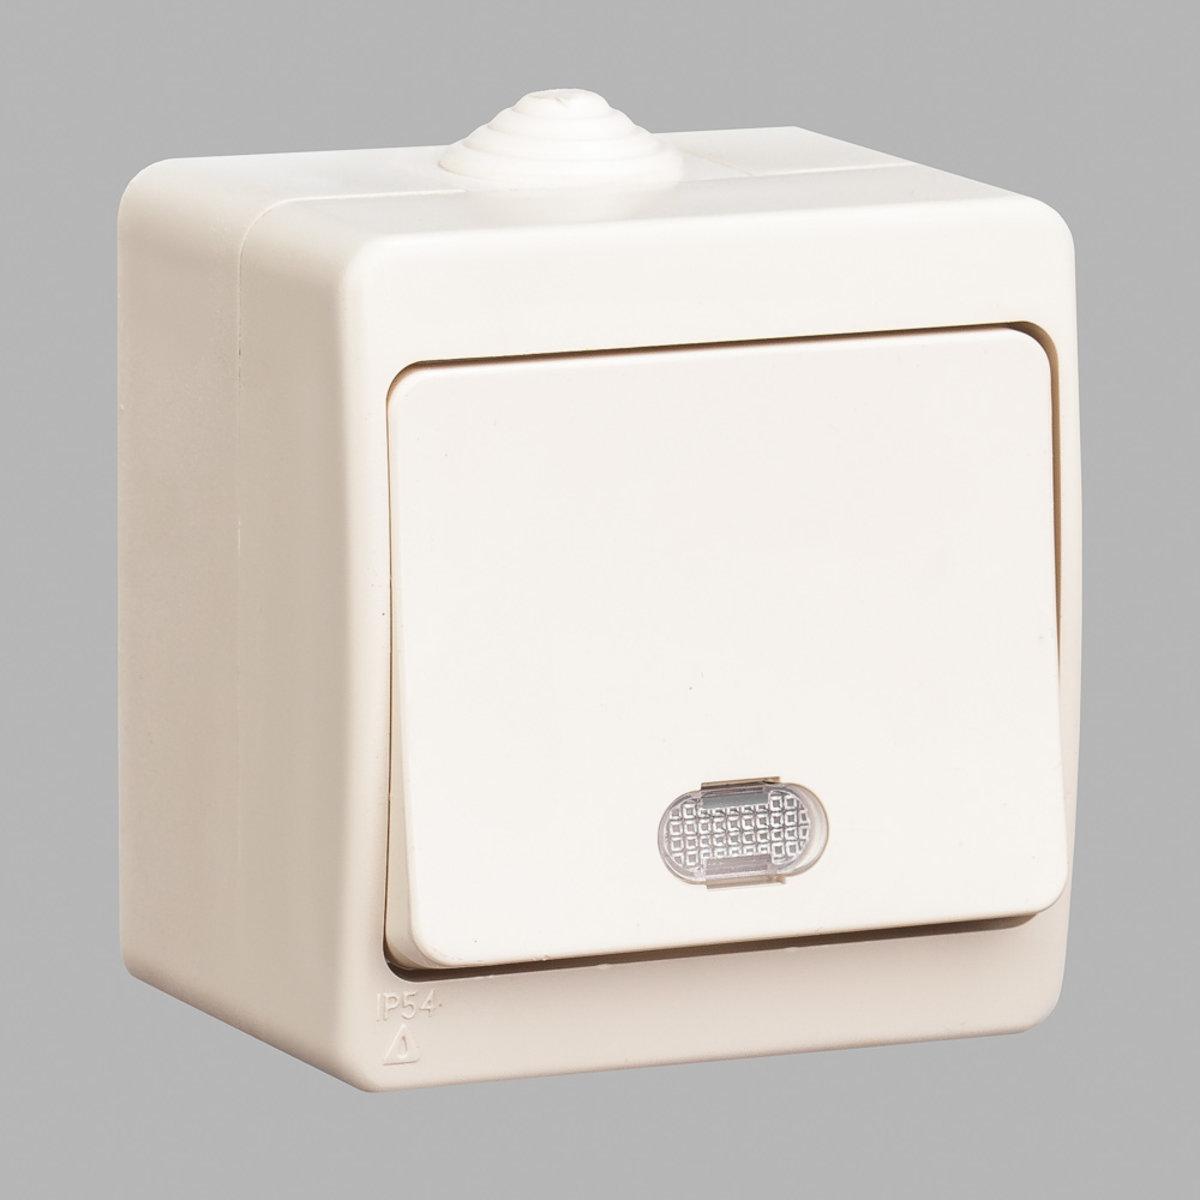 Nemli вимикач 1-ий з підсвічуванням вологозахищений кремовий